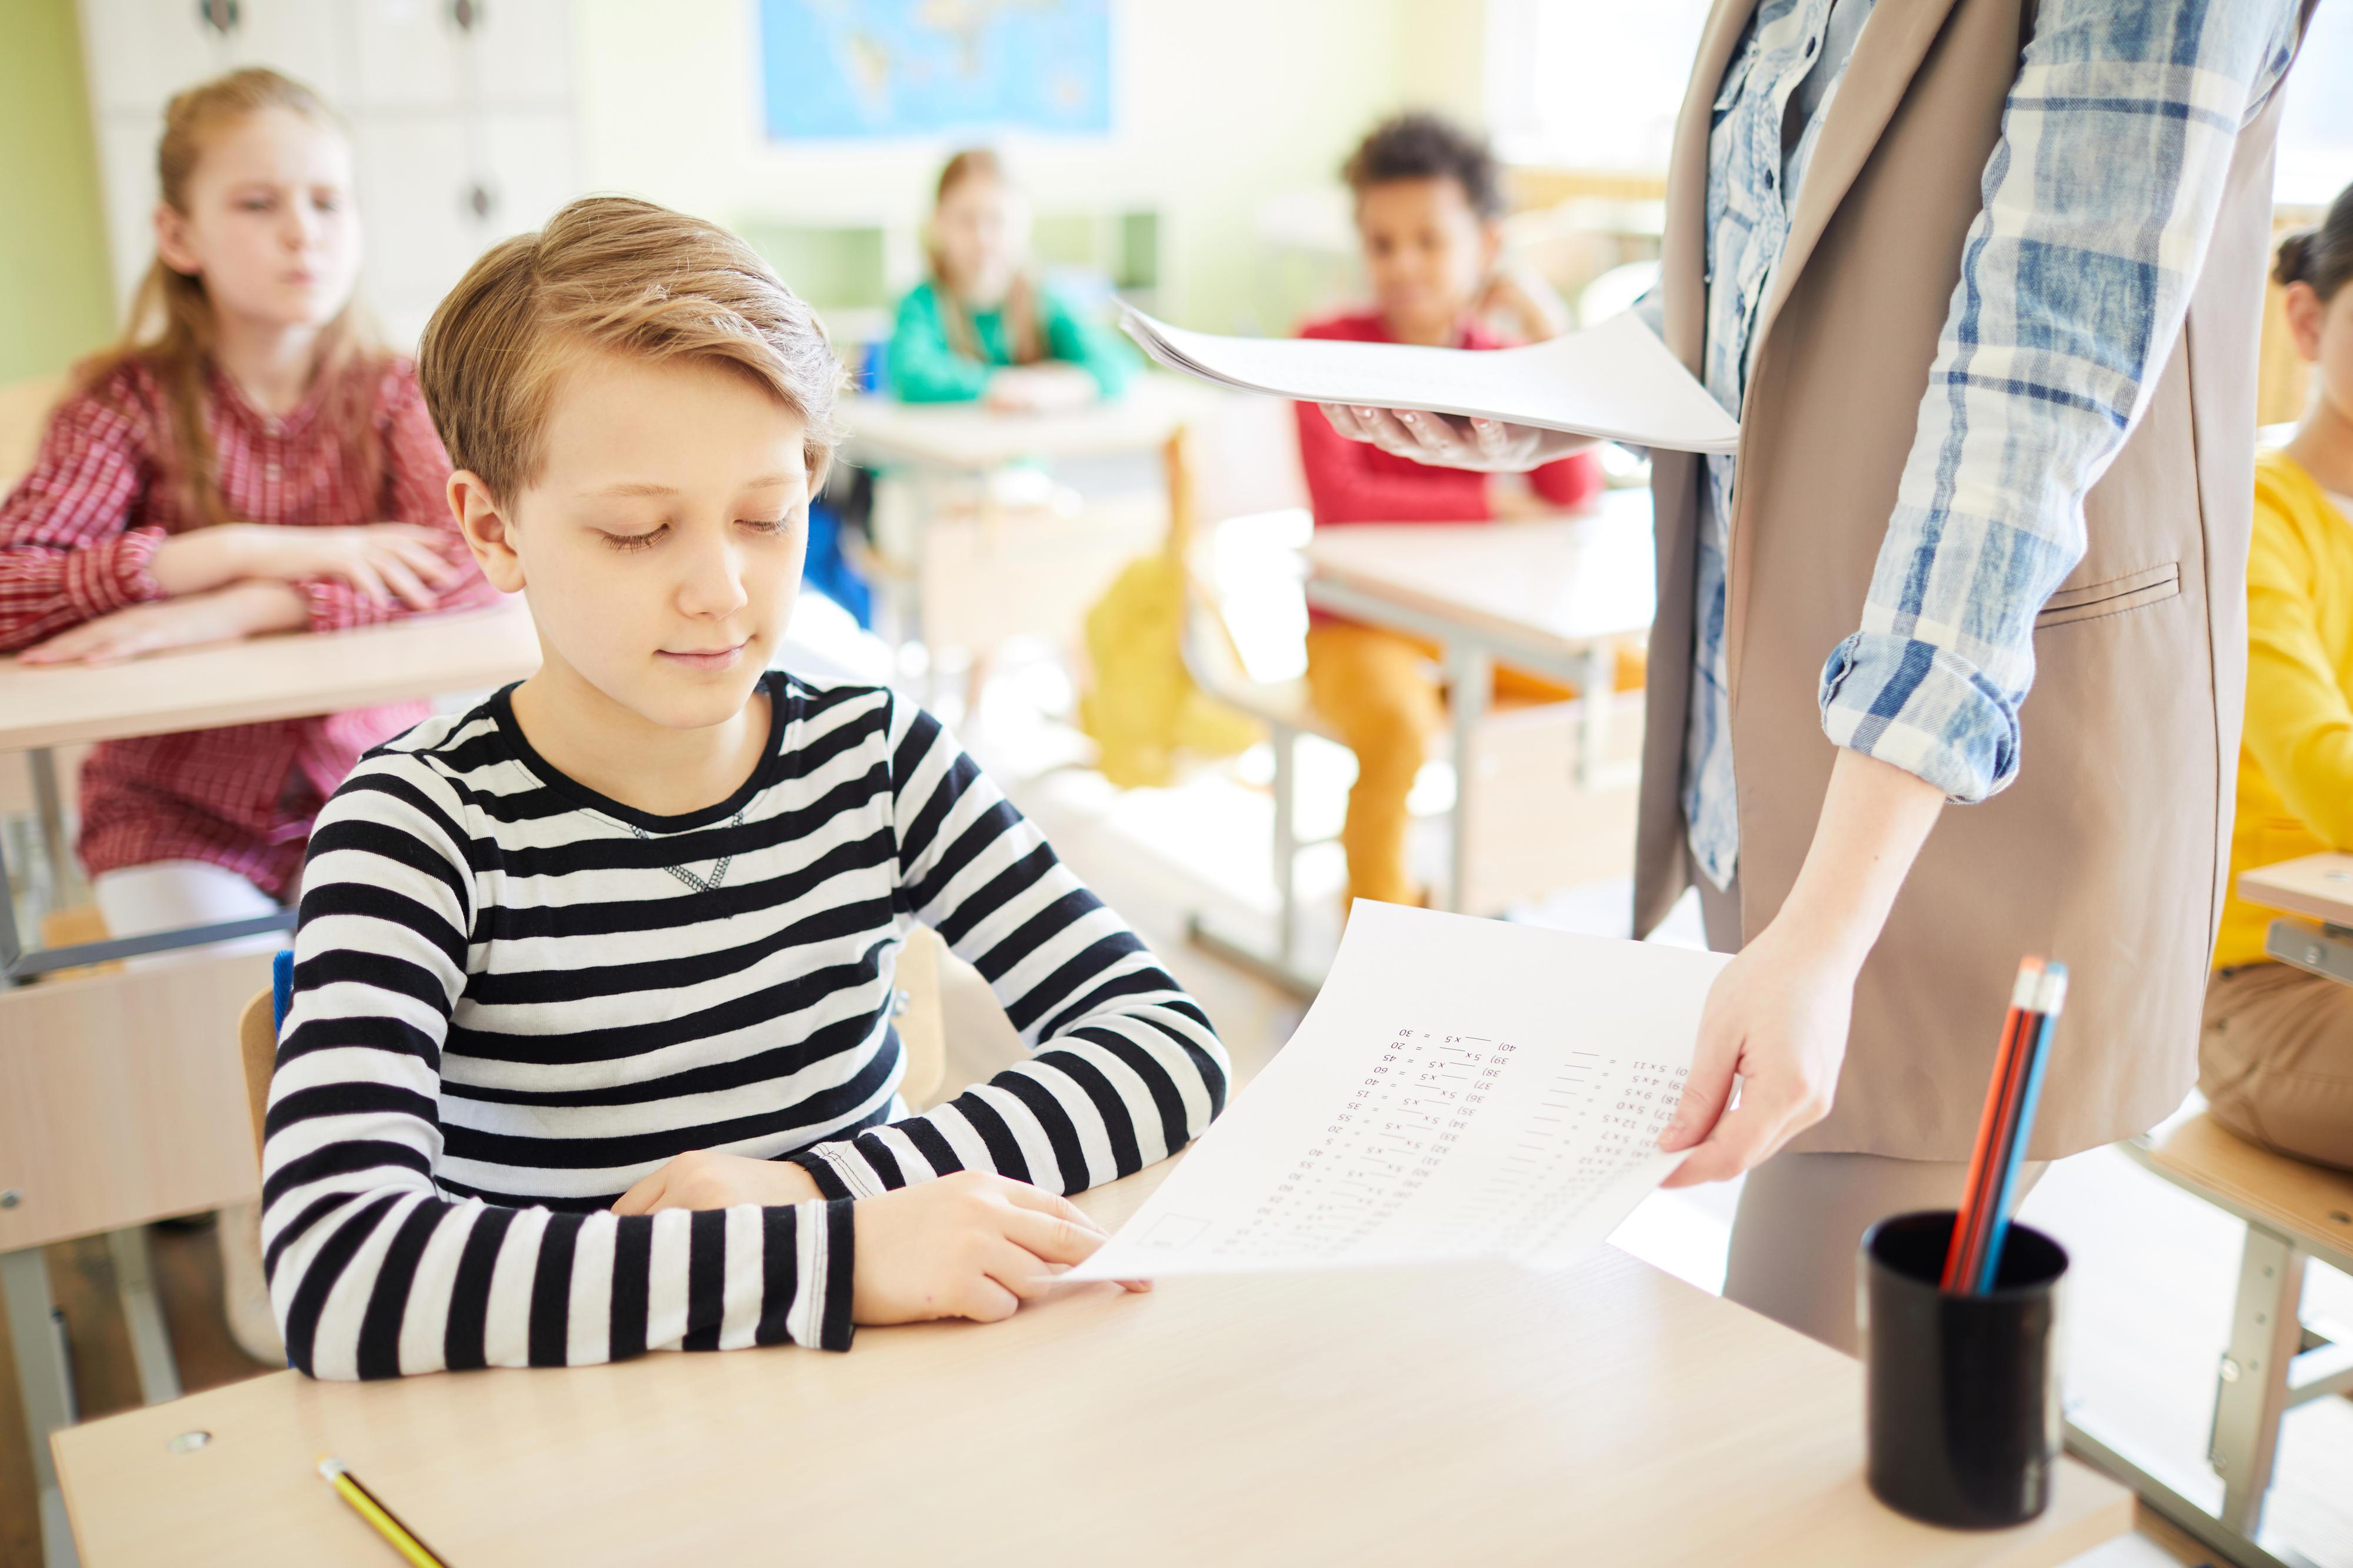 Brandi Love Ist Meine Lehrerin